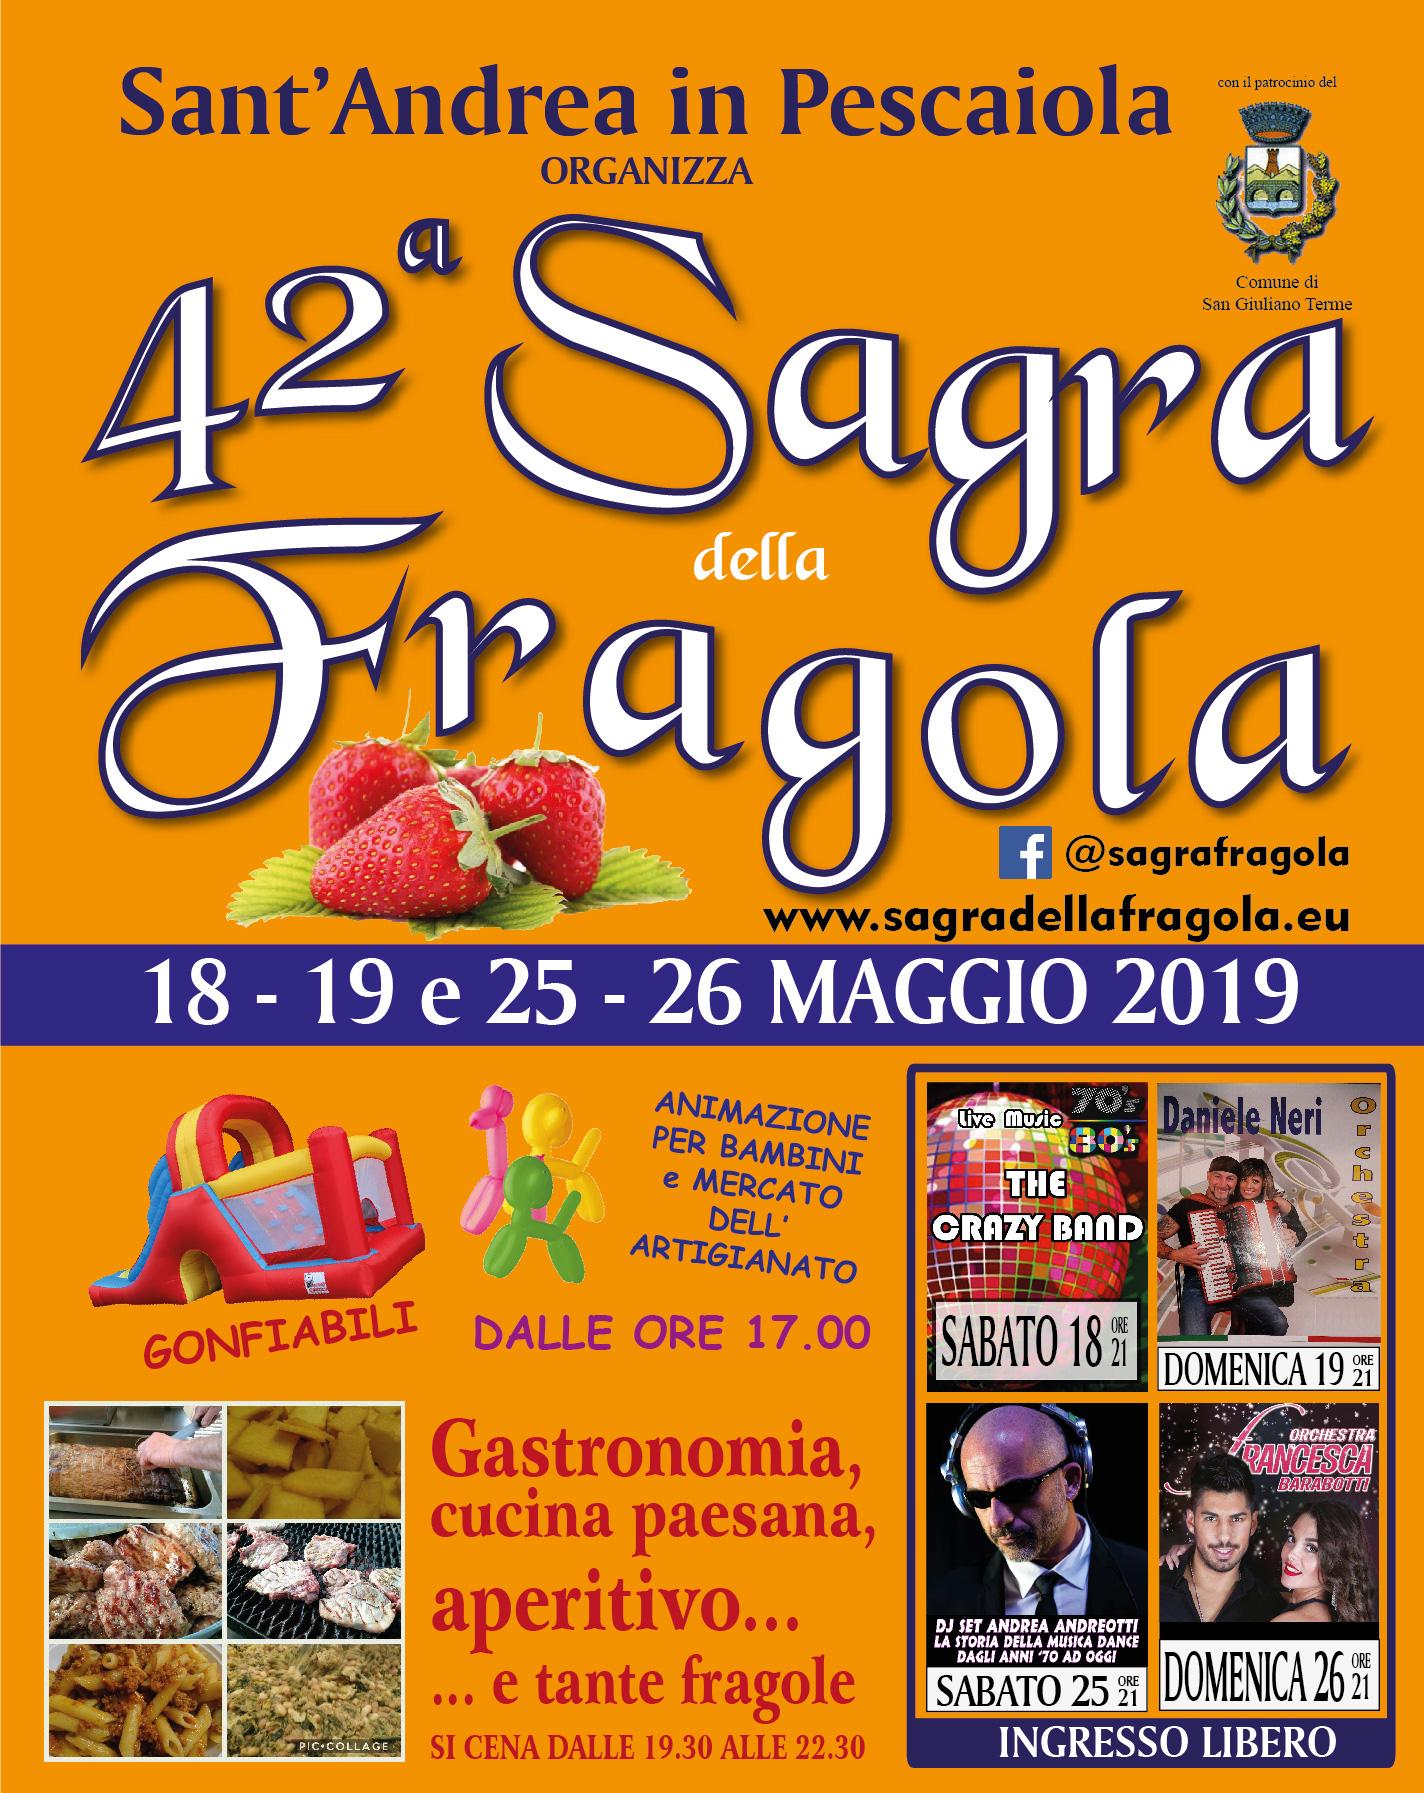 San Giuliano Terme, S.Andrea in Pescaiola | Sagra della Fragola, 43° edizione  ANNULLATA